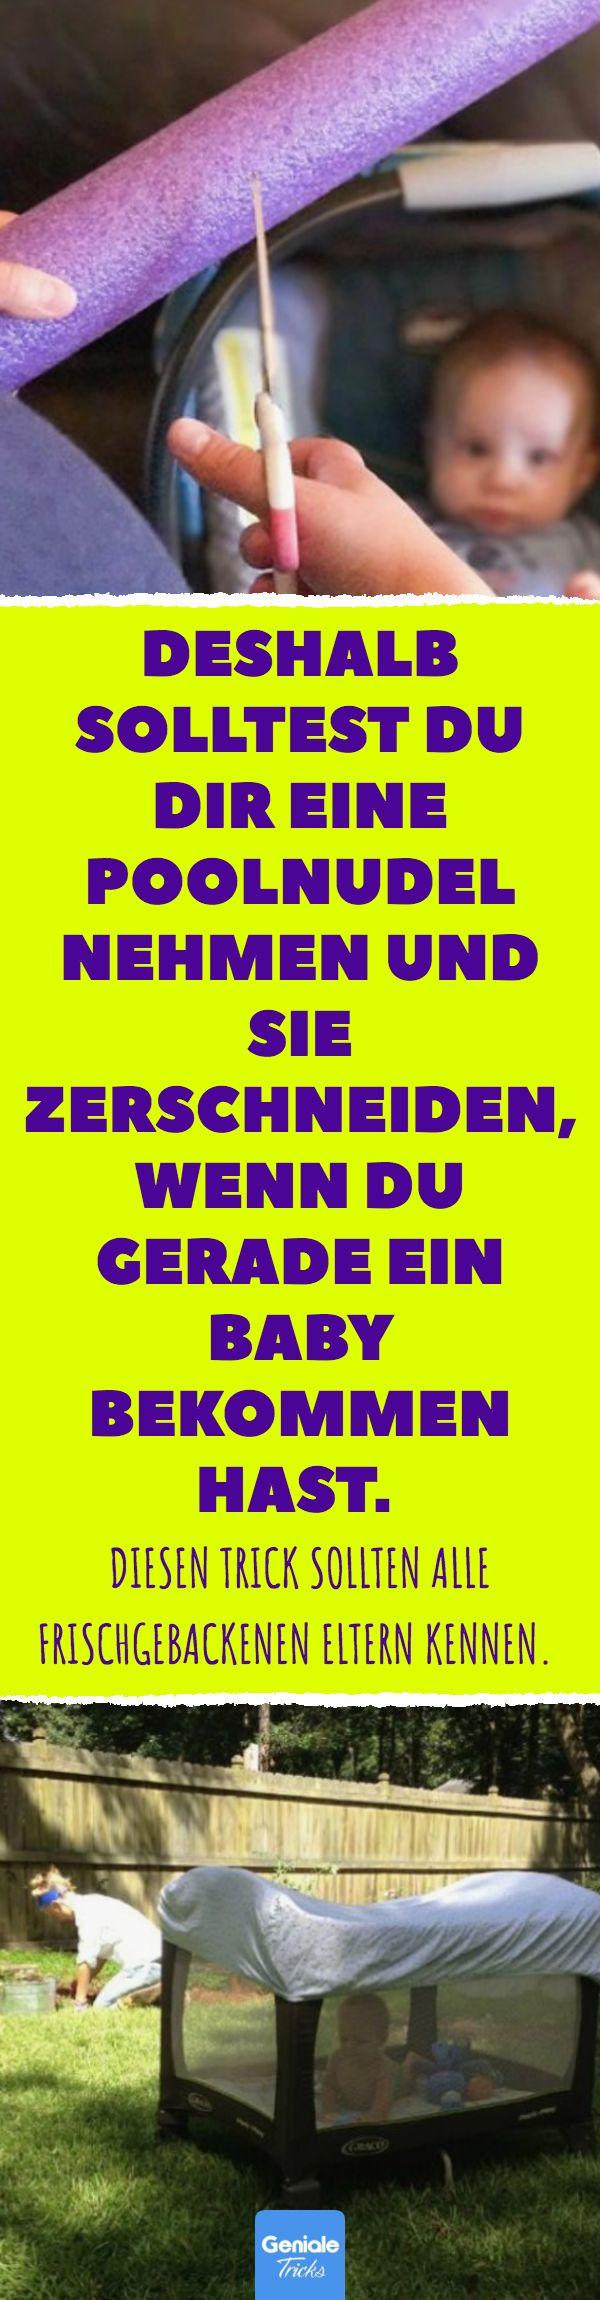 Deshalb solltest du dir eine Poolnudel nehmen und sie zerschneiden, wenn du gerade ein Baby bekommen hast. Diesen Trick sollten alle frischgebackenen …